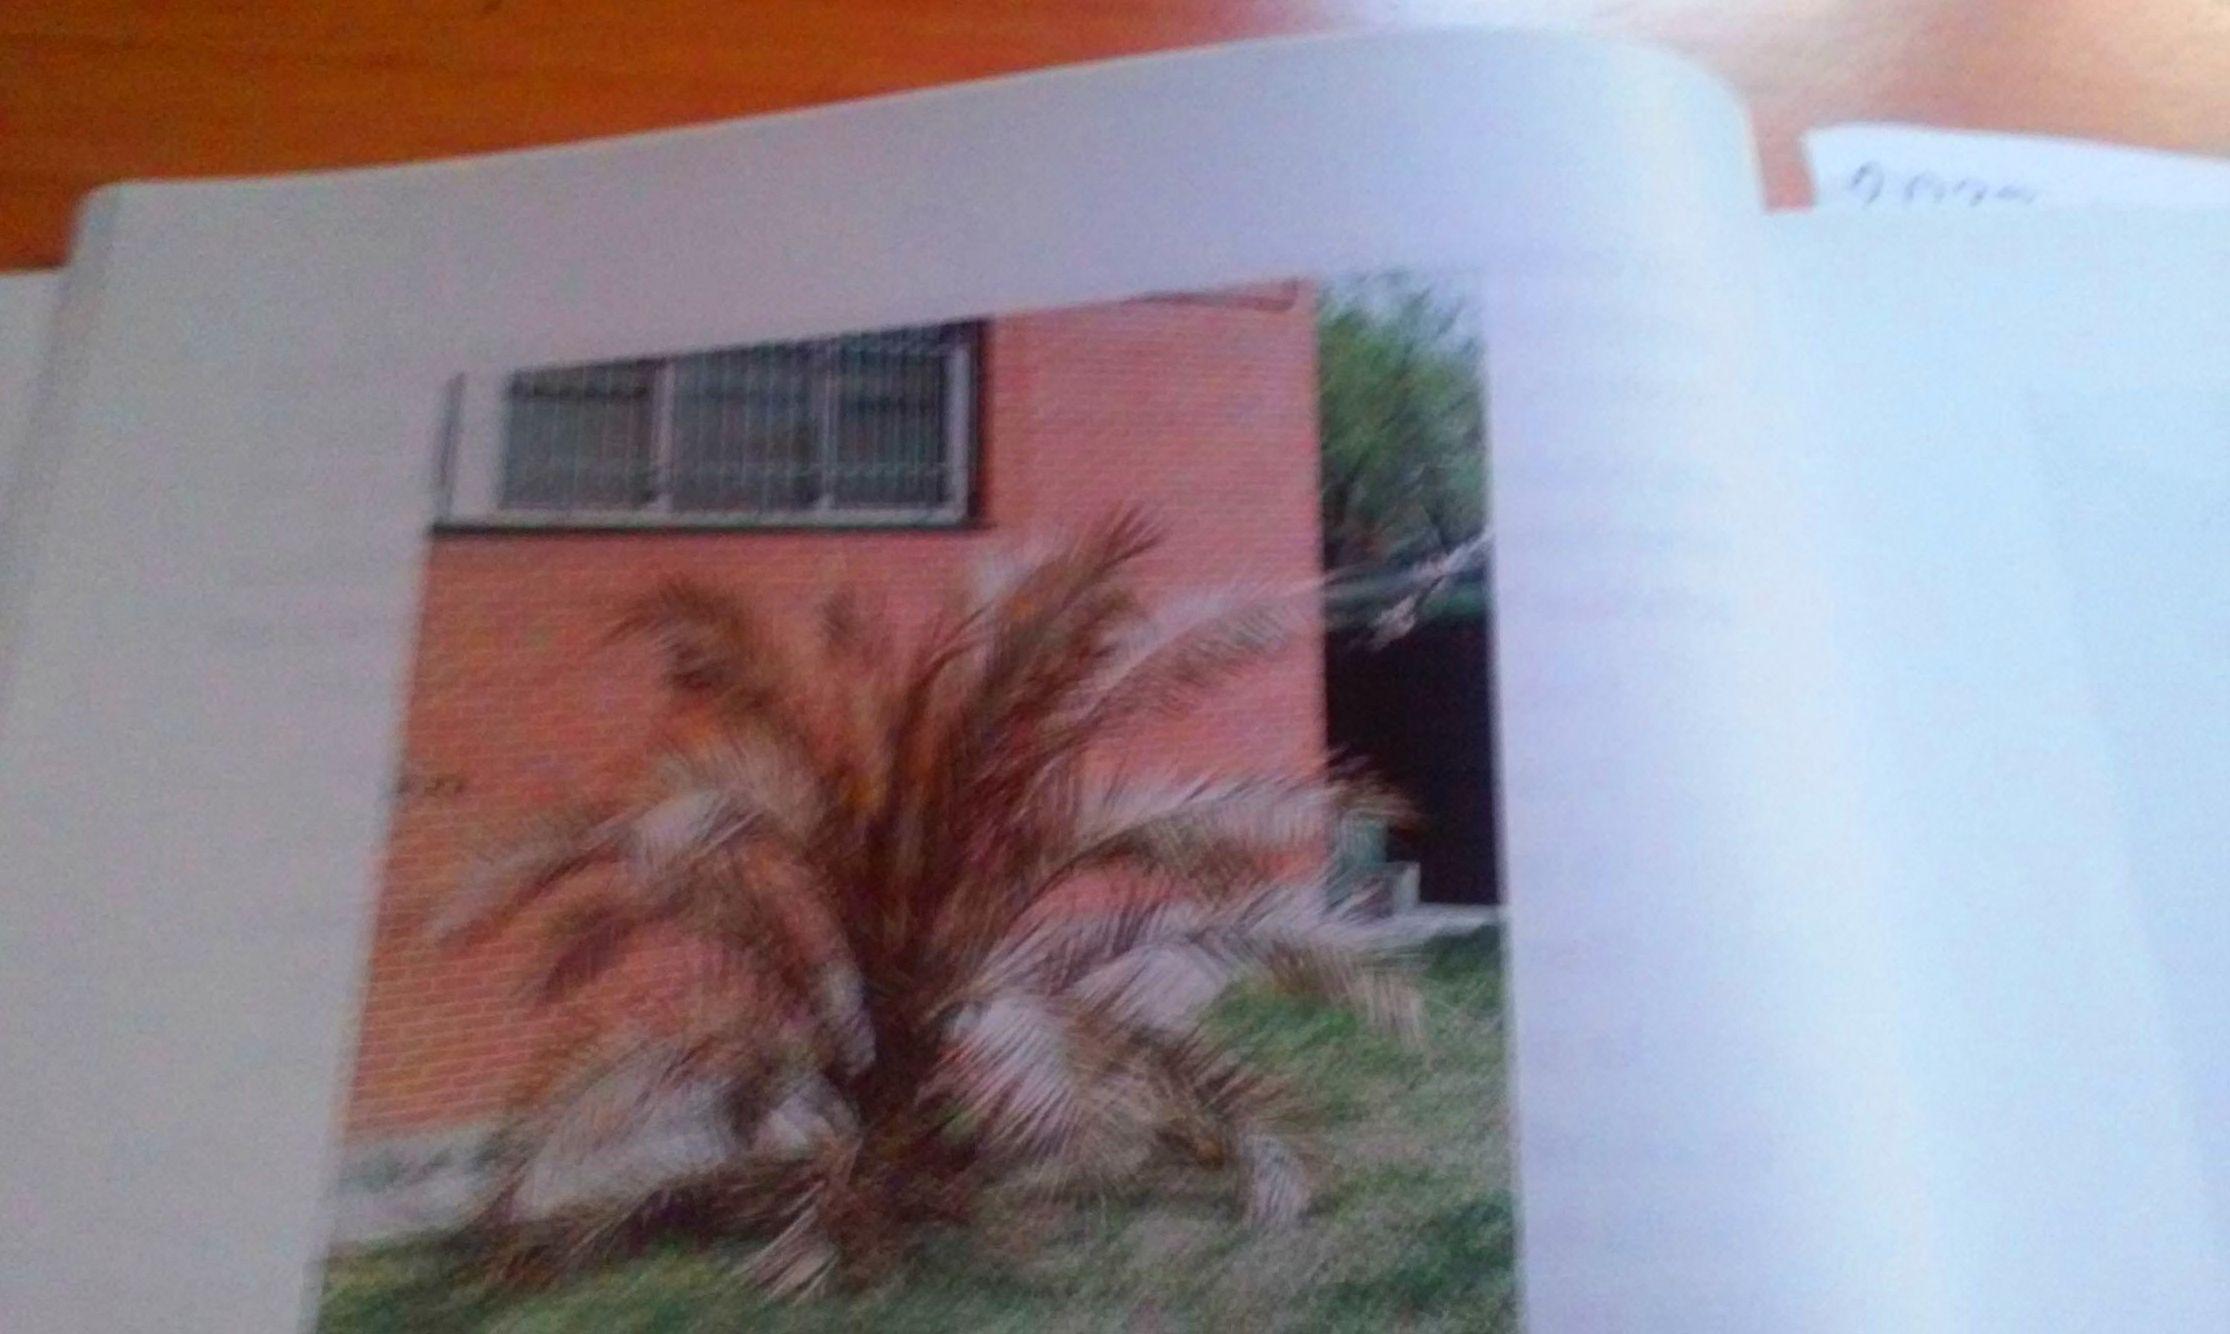 1VEGETACIÓN COMPLETAMENTE ARRASADA POR EFECTO DE UNA INMENSA HELADA INVERNAL SOBRE UNA PALMERA ( Phoenix canari.jpg